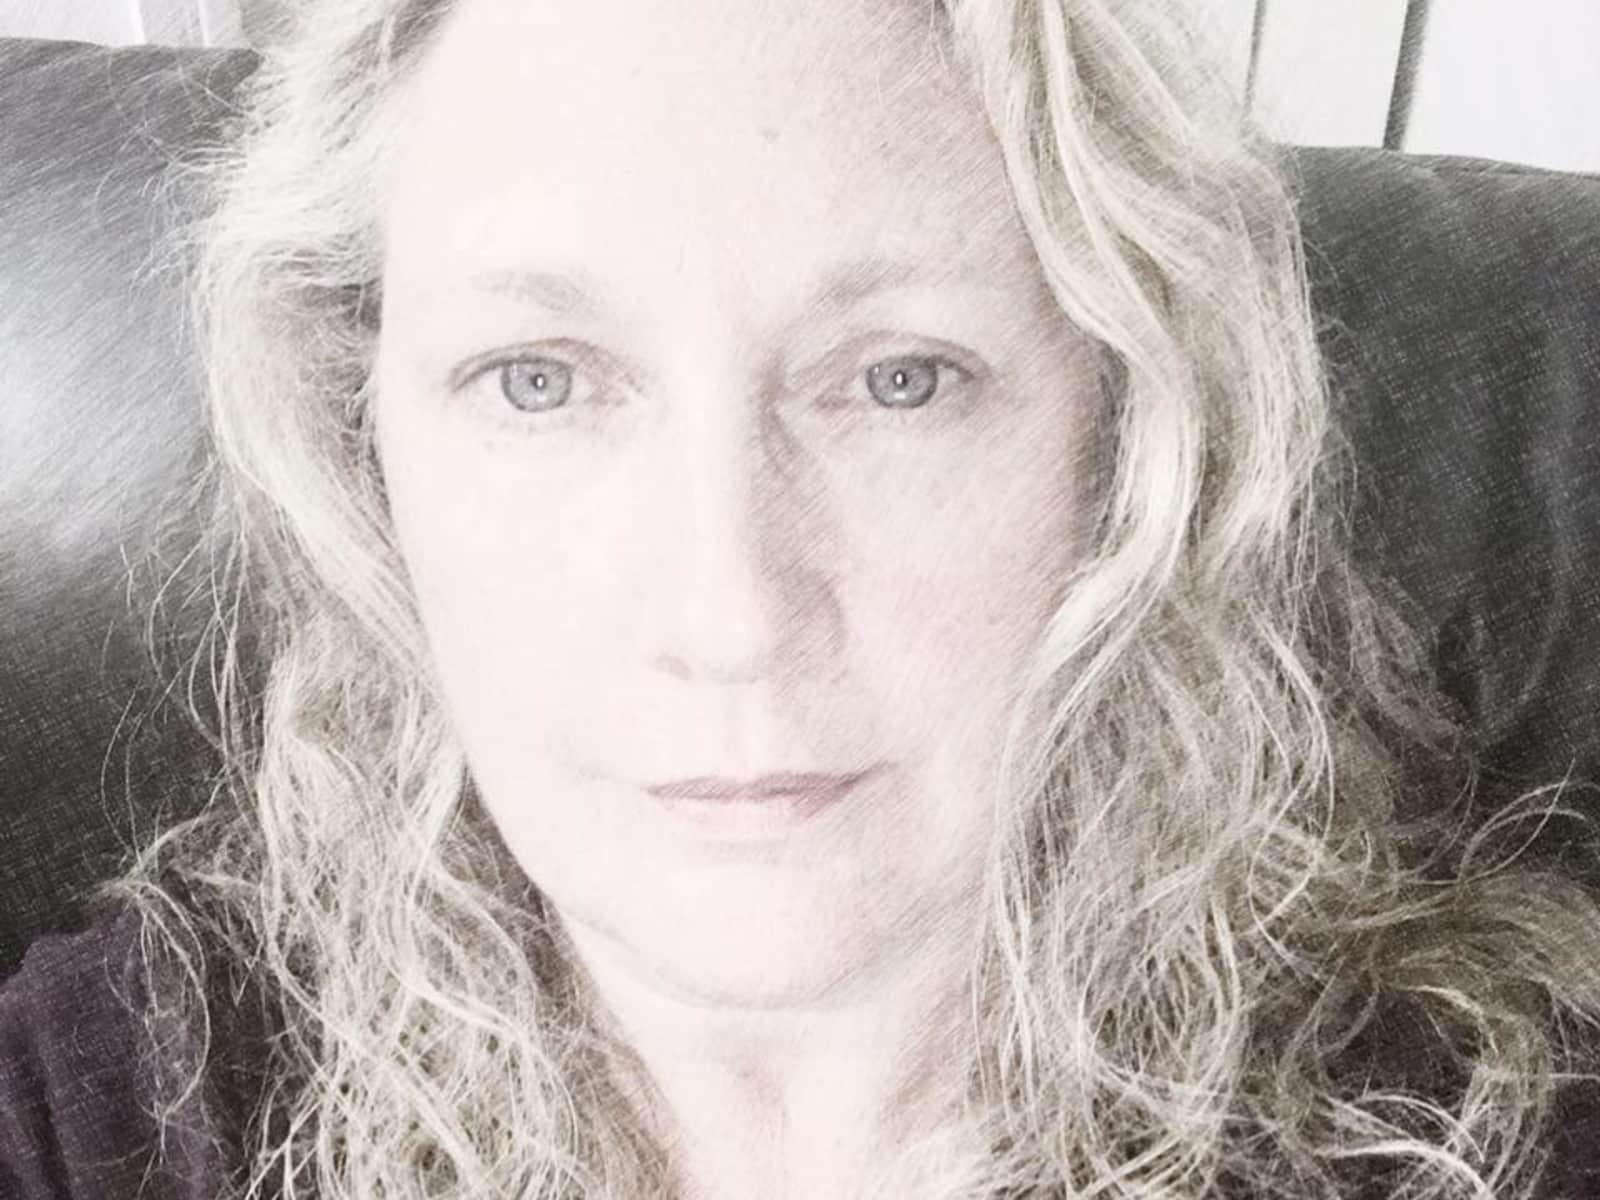 Karen from Morayfield, Queensland, Australia